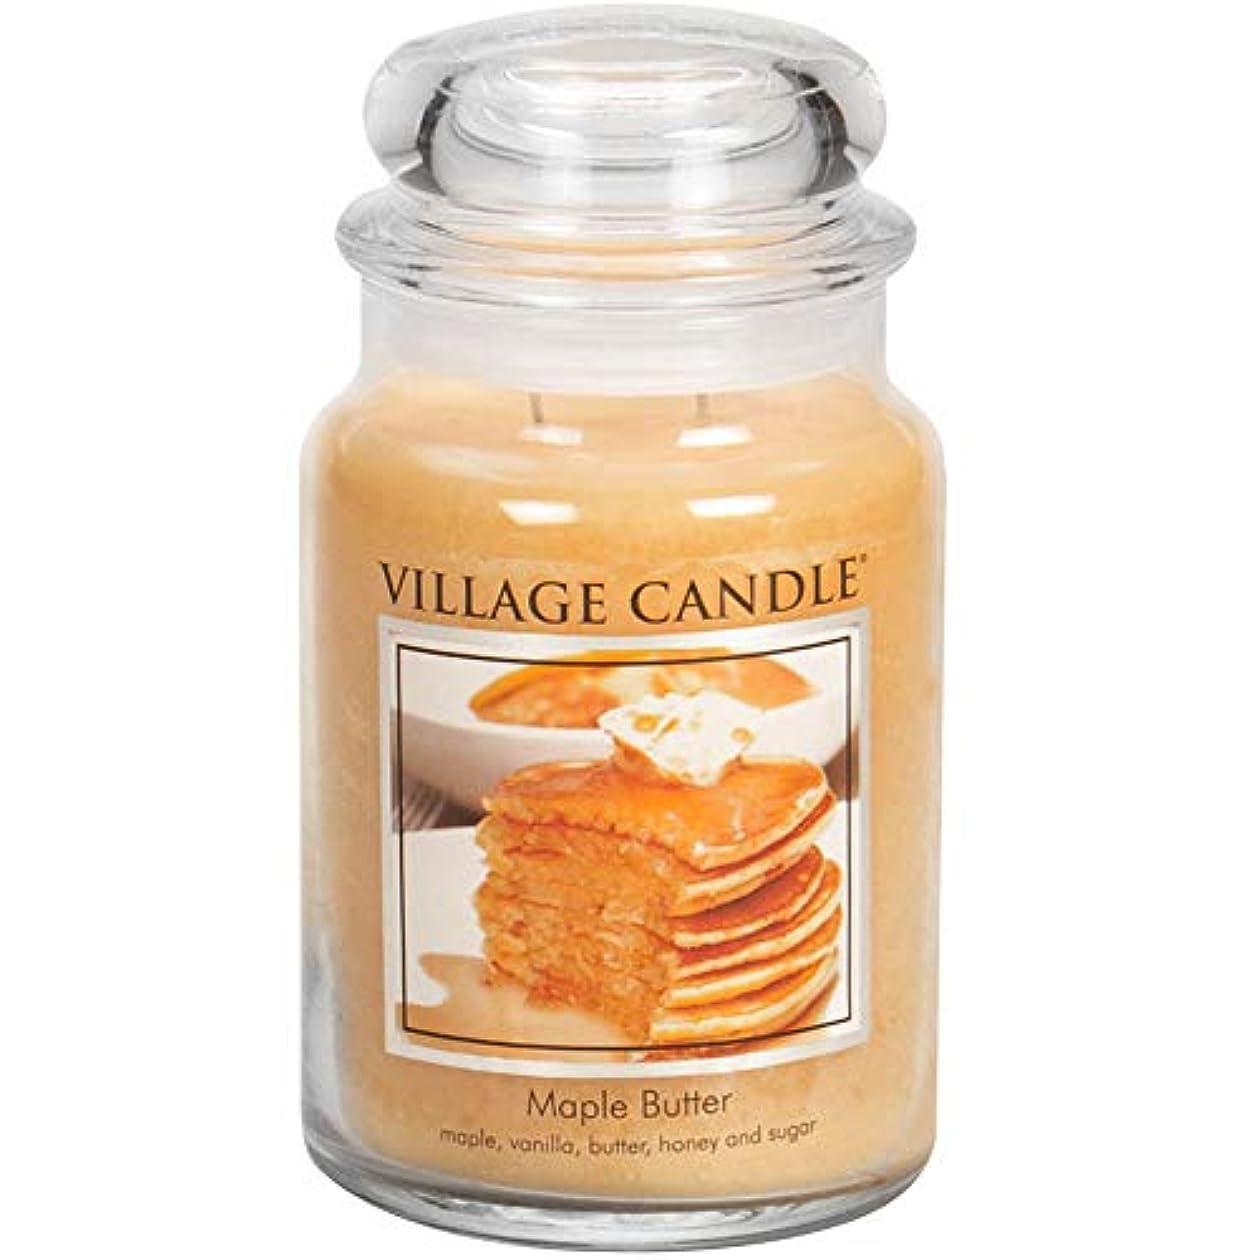 ウィンク編集者好みVillage Candle Large Fragranced Candle Jar - 17cm x 10cm - 26oz (1219g)- Maple Butter - upto 170 hours burn time...